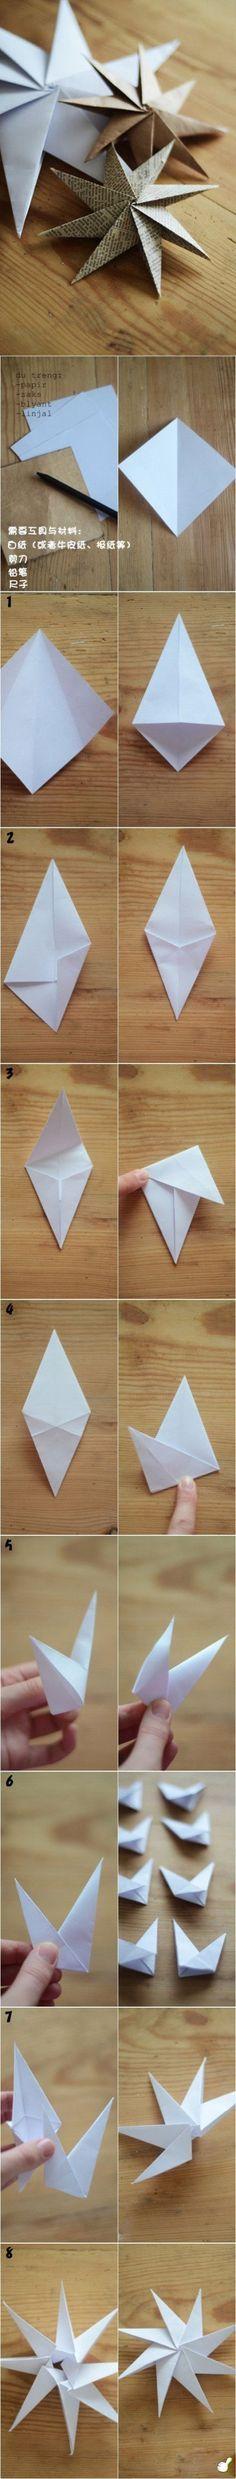 Decoração, estrela de Natal DIY Paper Stars diy craft crafts craft ideas / easy…